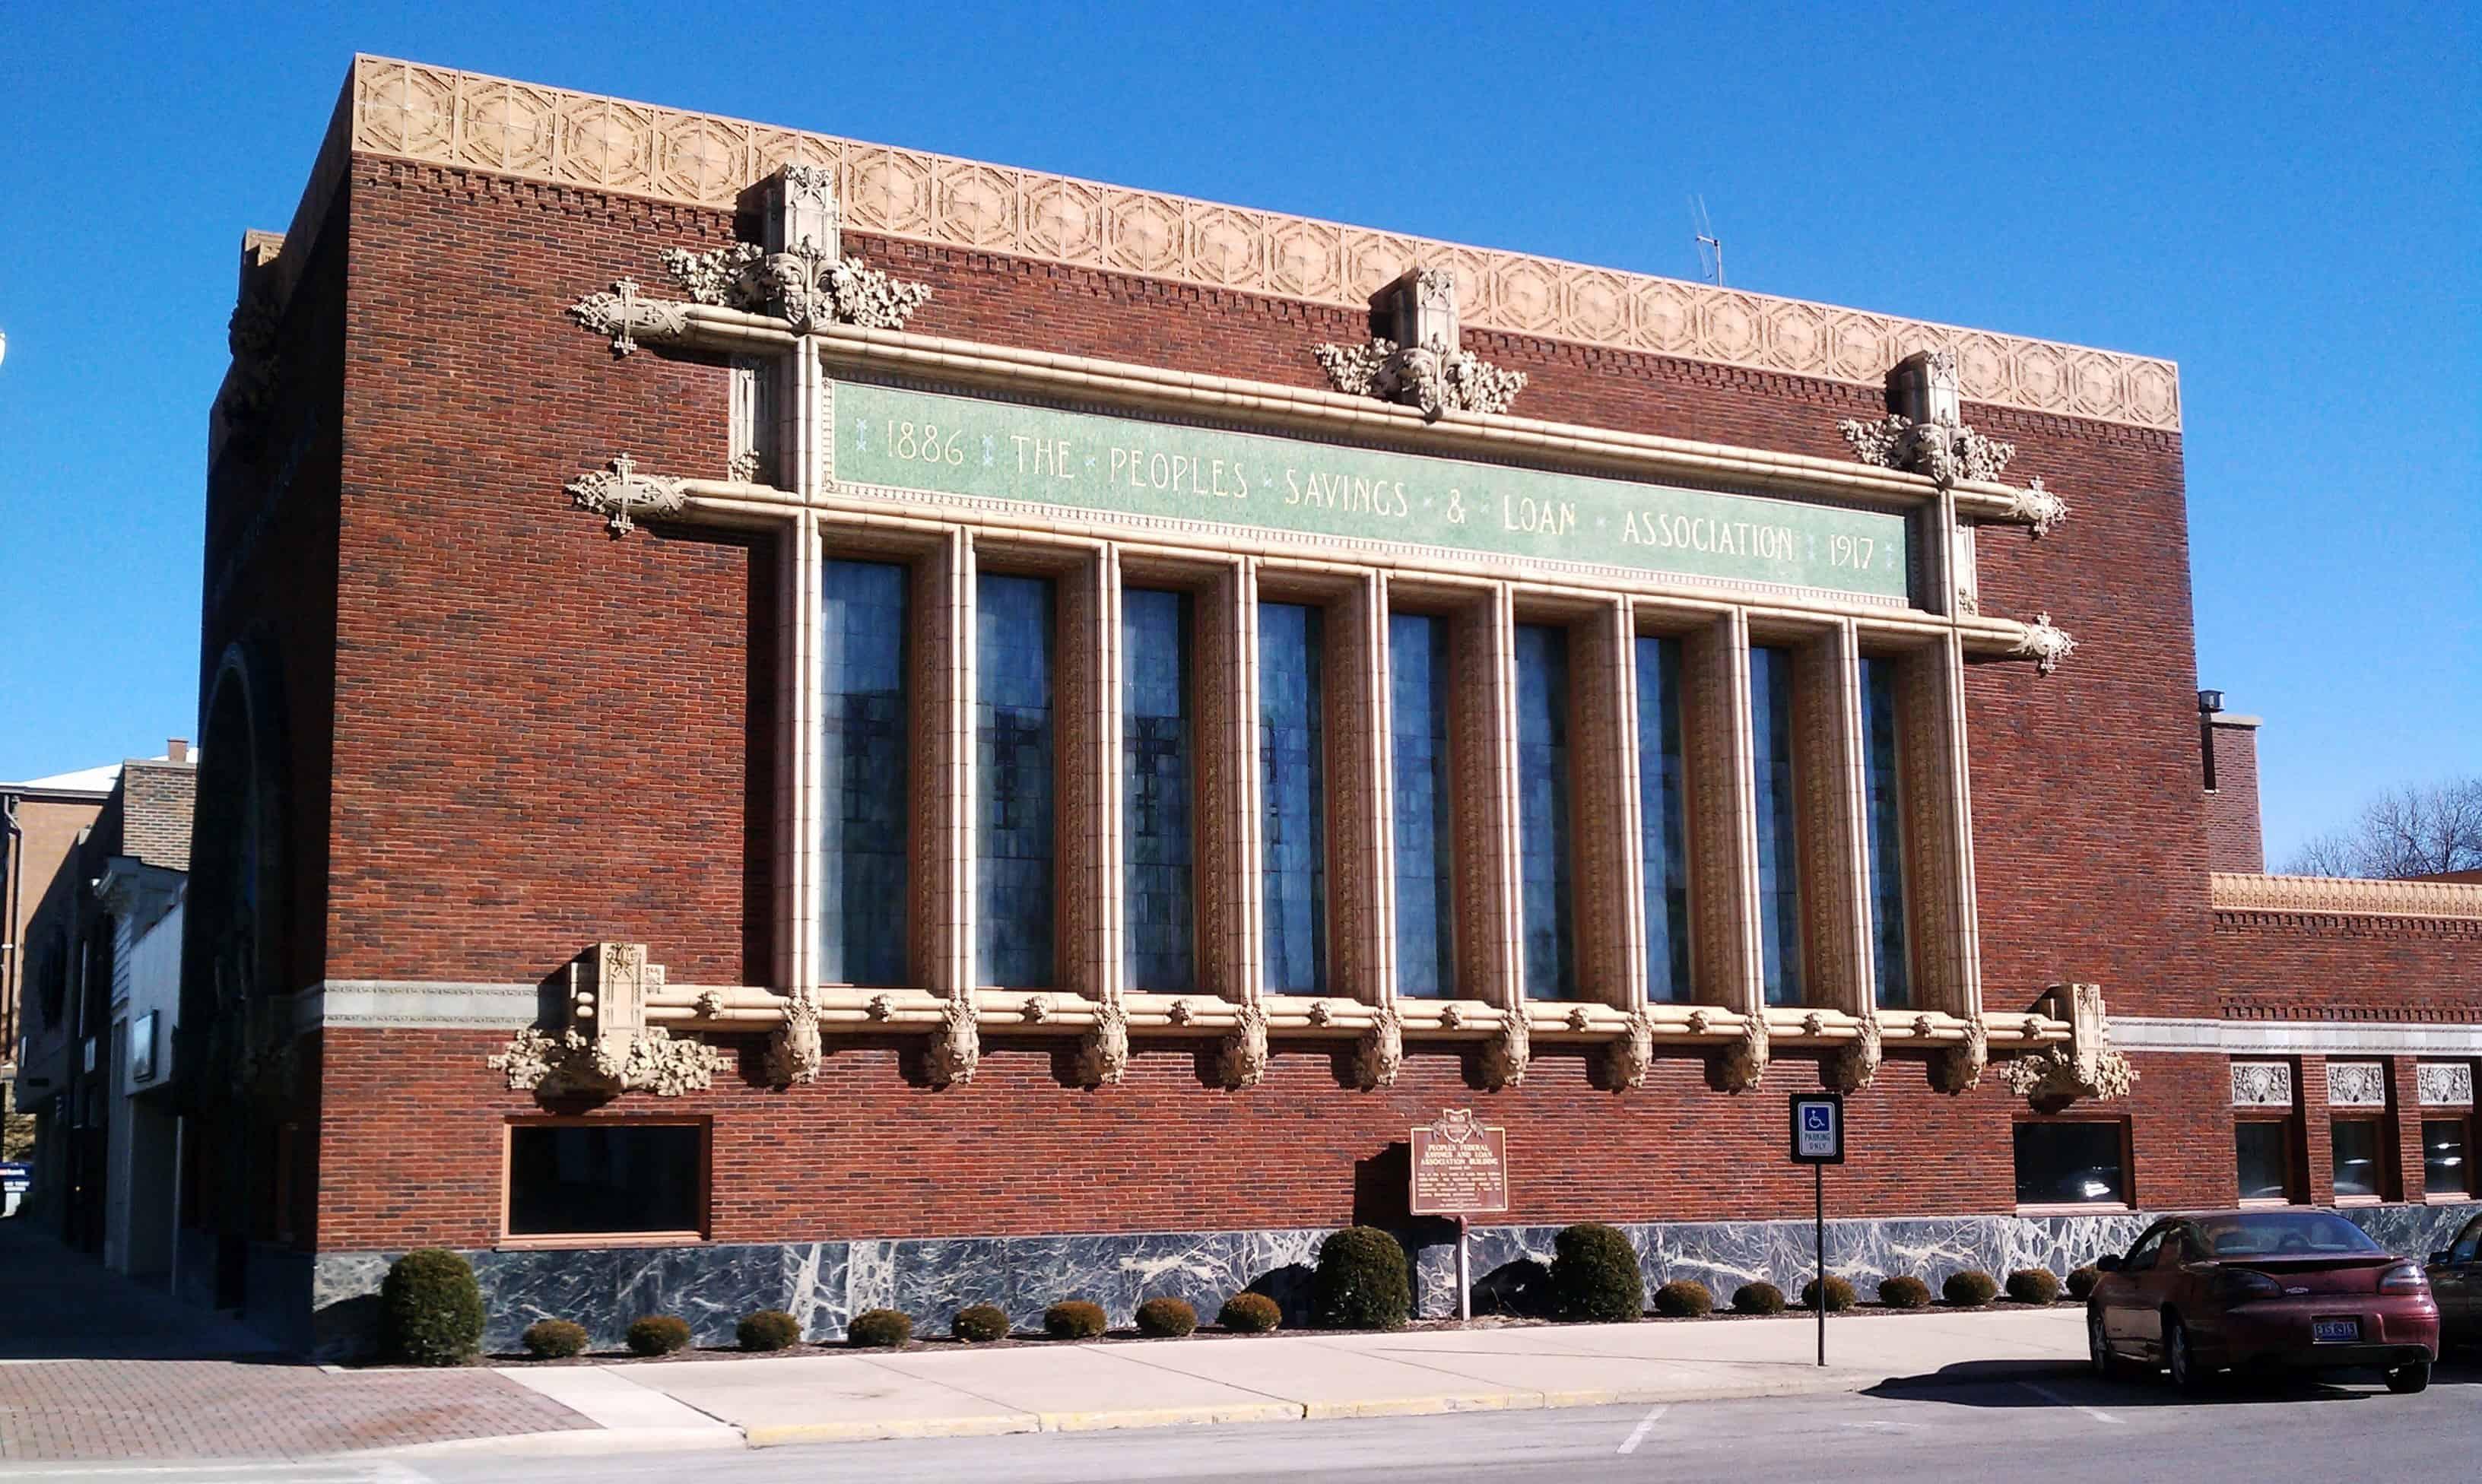 Historic Peoples Federal Savings & Loan Building